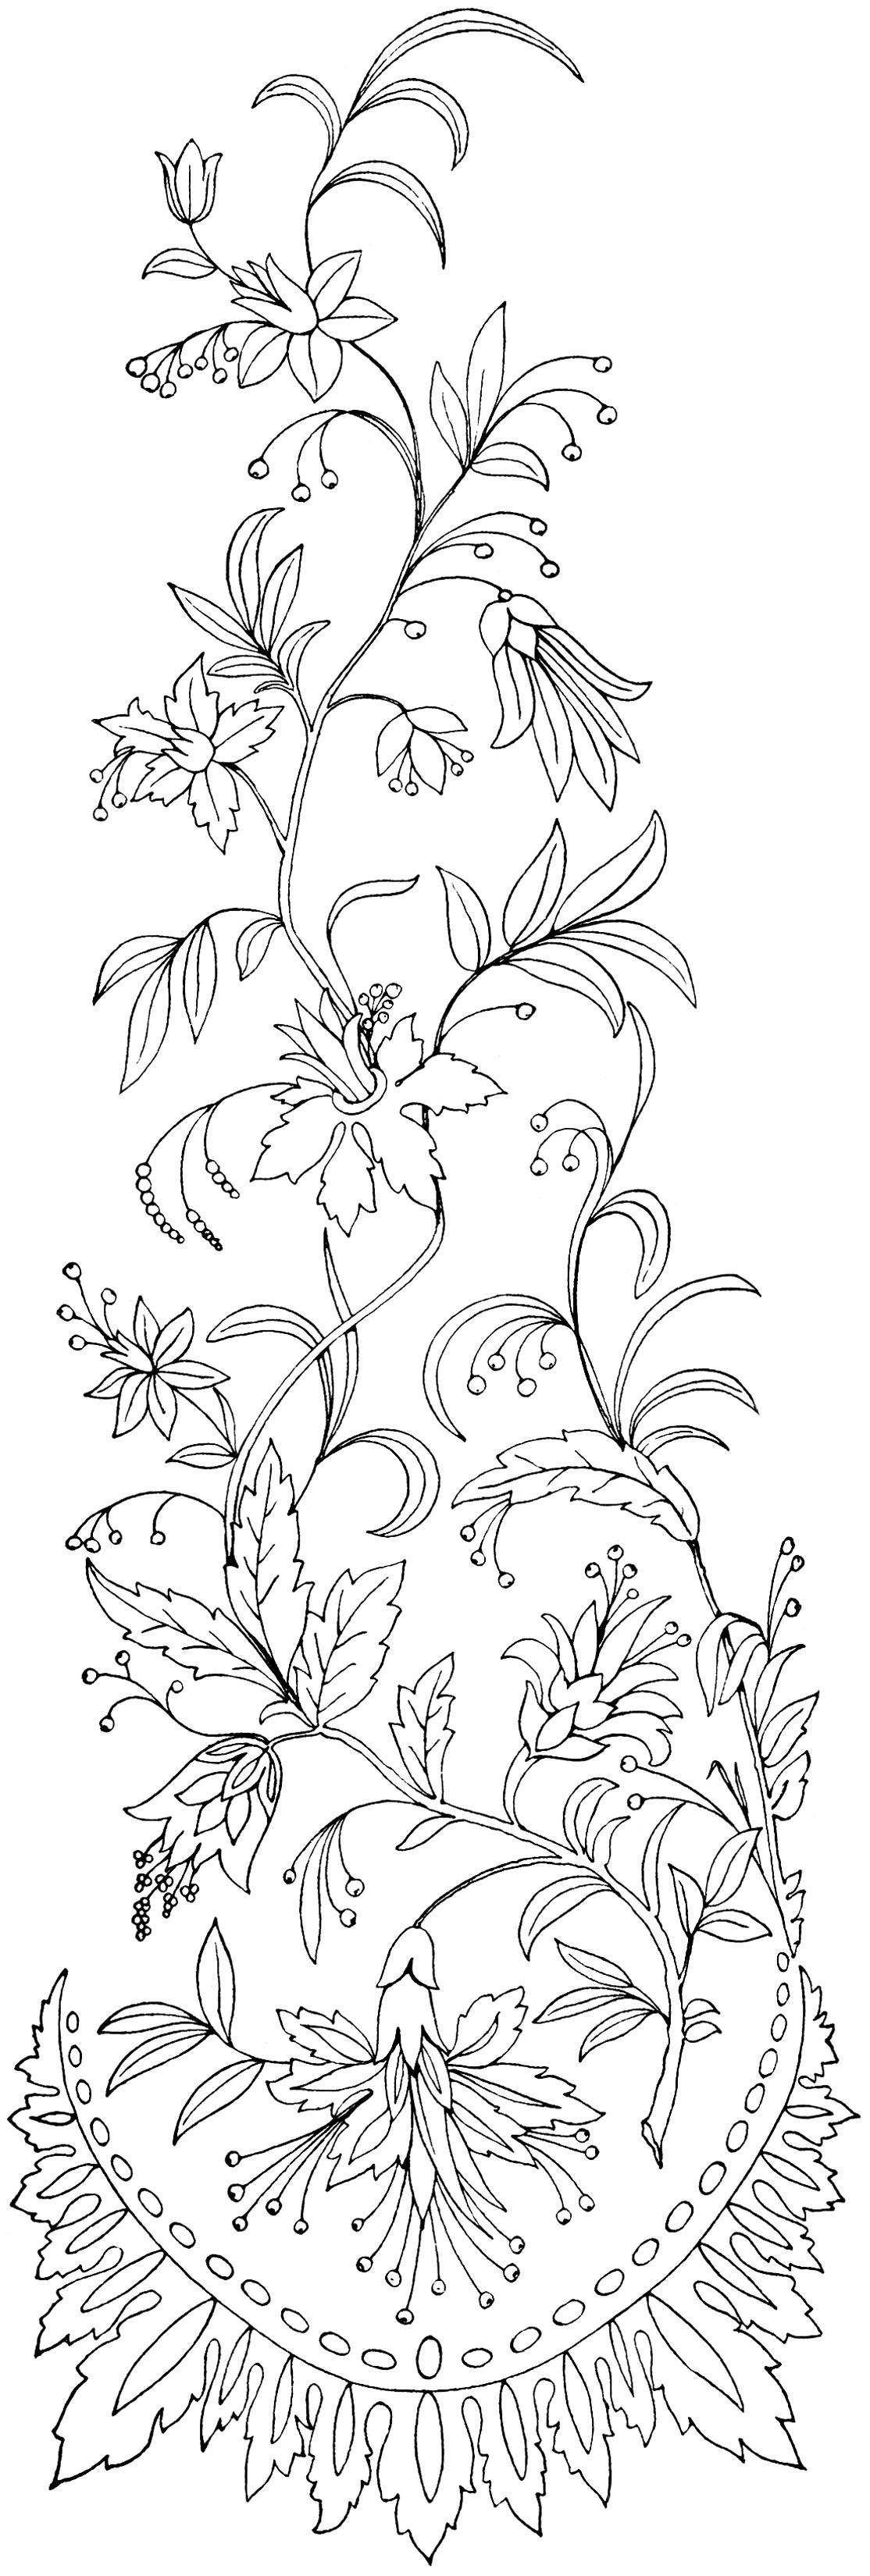 http://olddesignshop.com/wp-content/uploads/2013/05/OldDesignShop_OrnamentalDesign1900.jpg